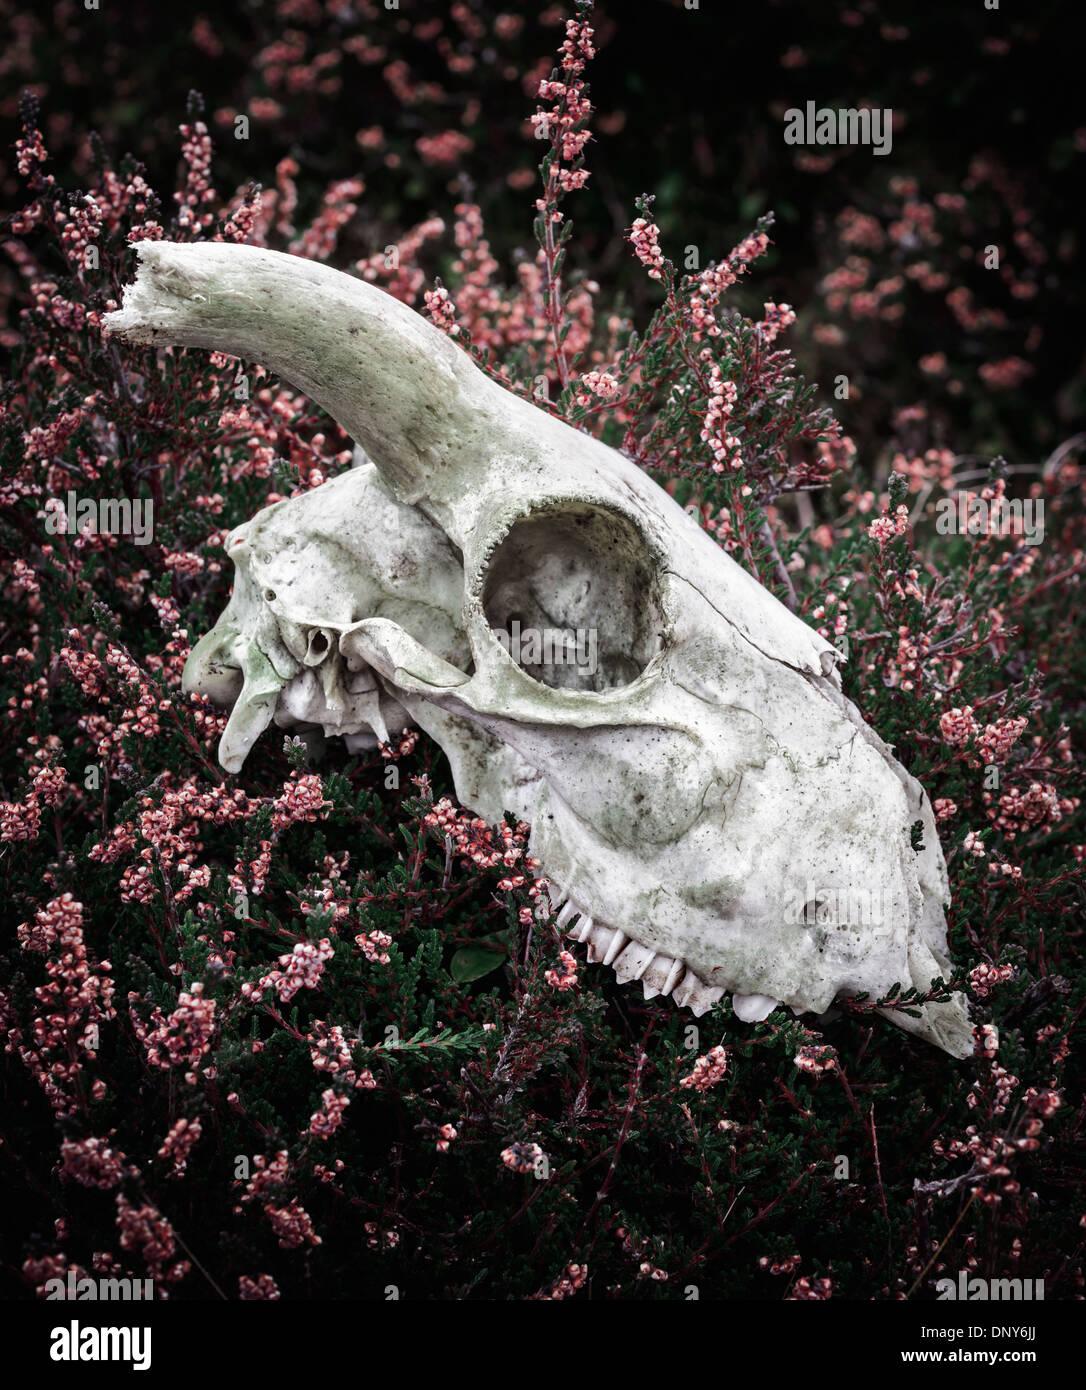 Cráneo de oveja descansando entre heather Imagen De Stock